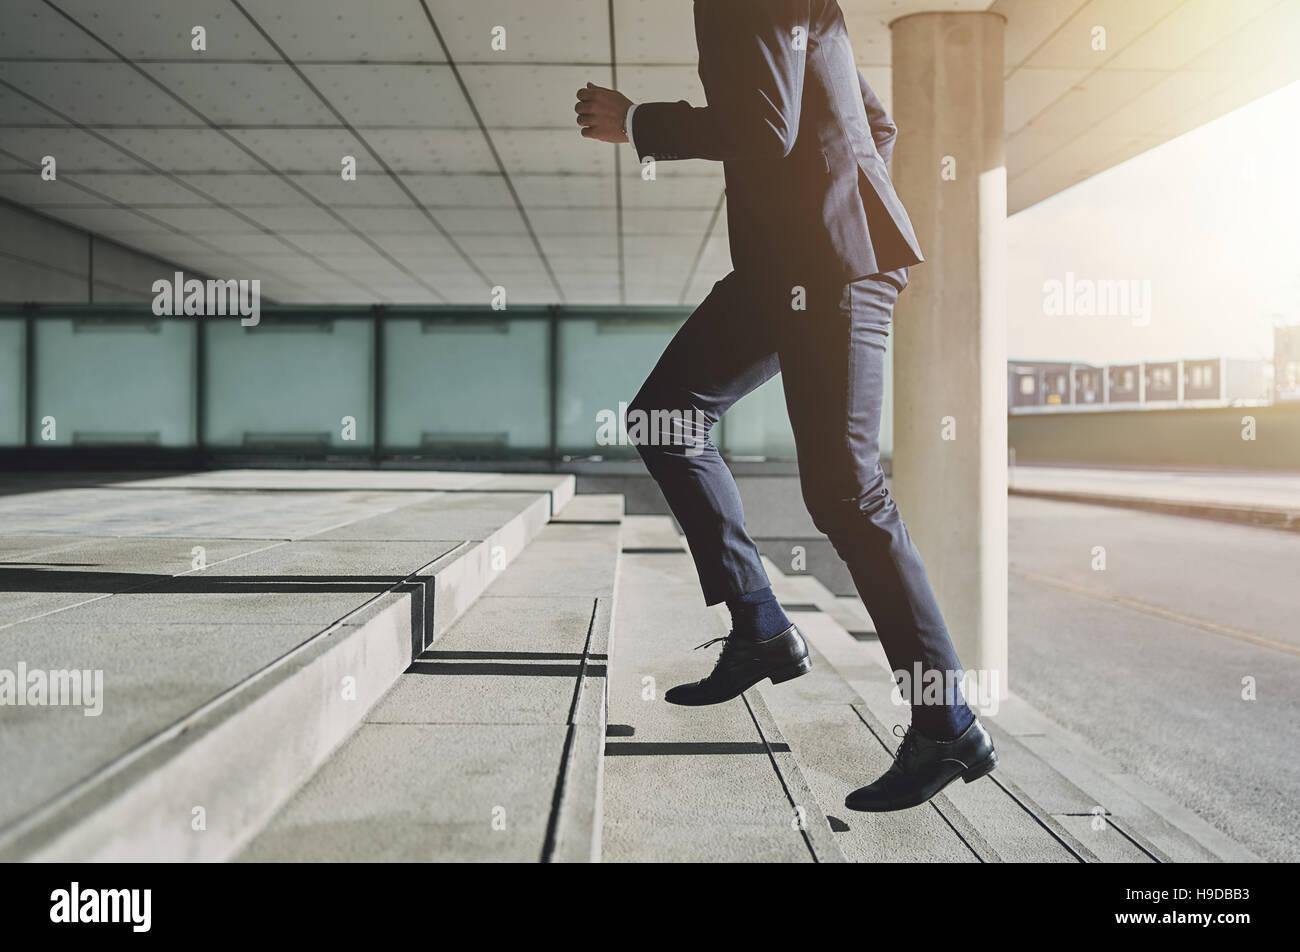 Businessman running fast upstairs. Horizontal outdoors shot. Stock Photo